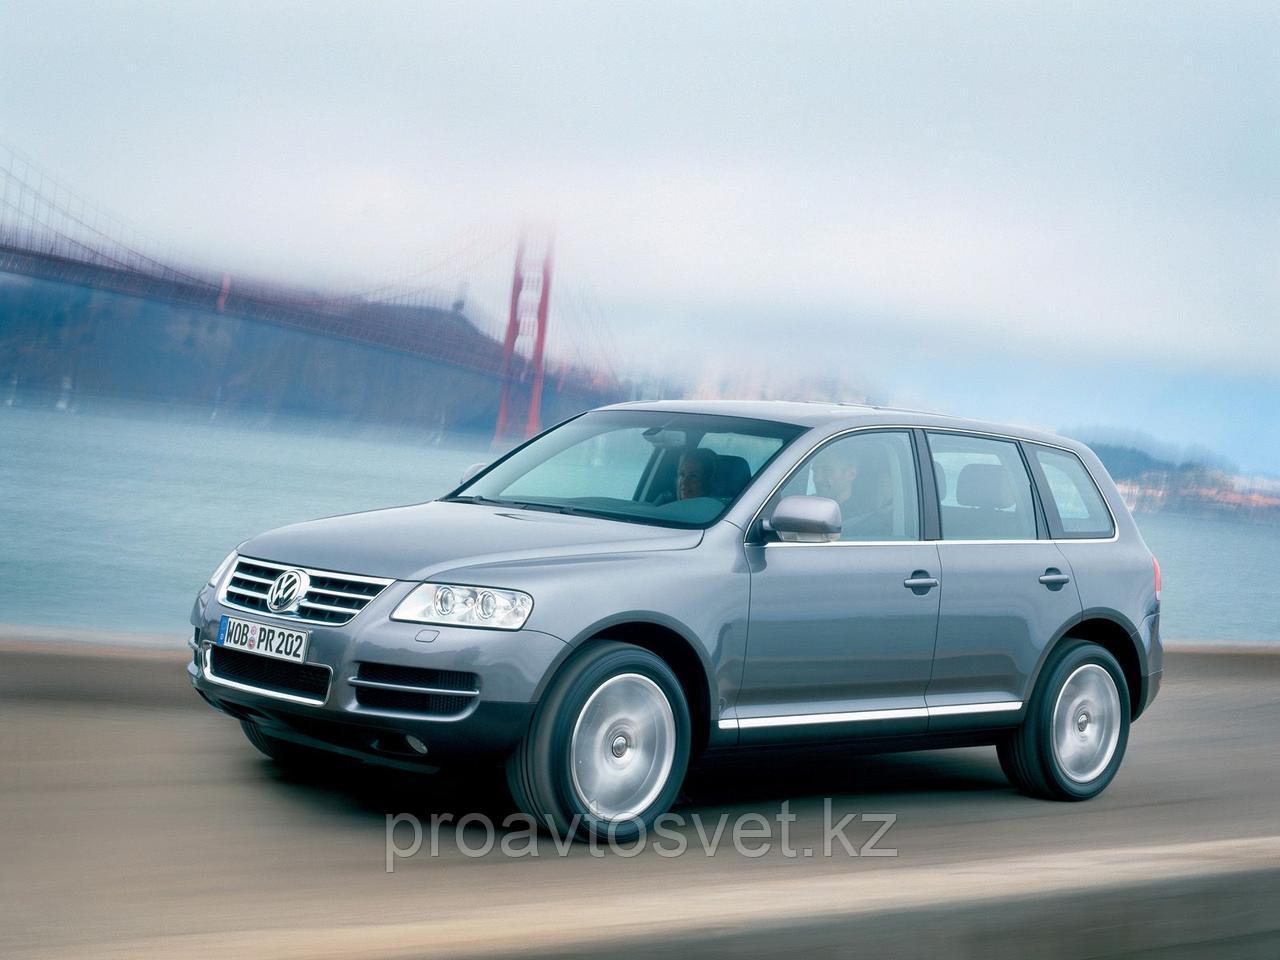 Переходные рамки на Volkswagen Touareg I (GP) дорестайл (2002-2006) Hella 3R